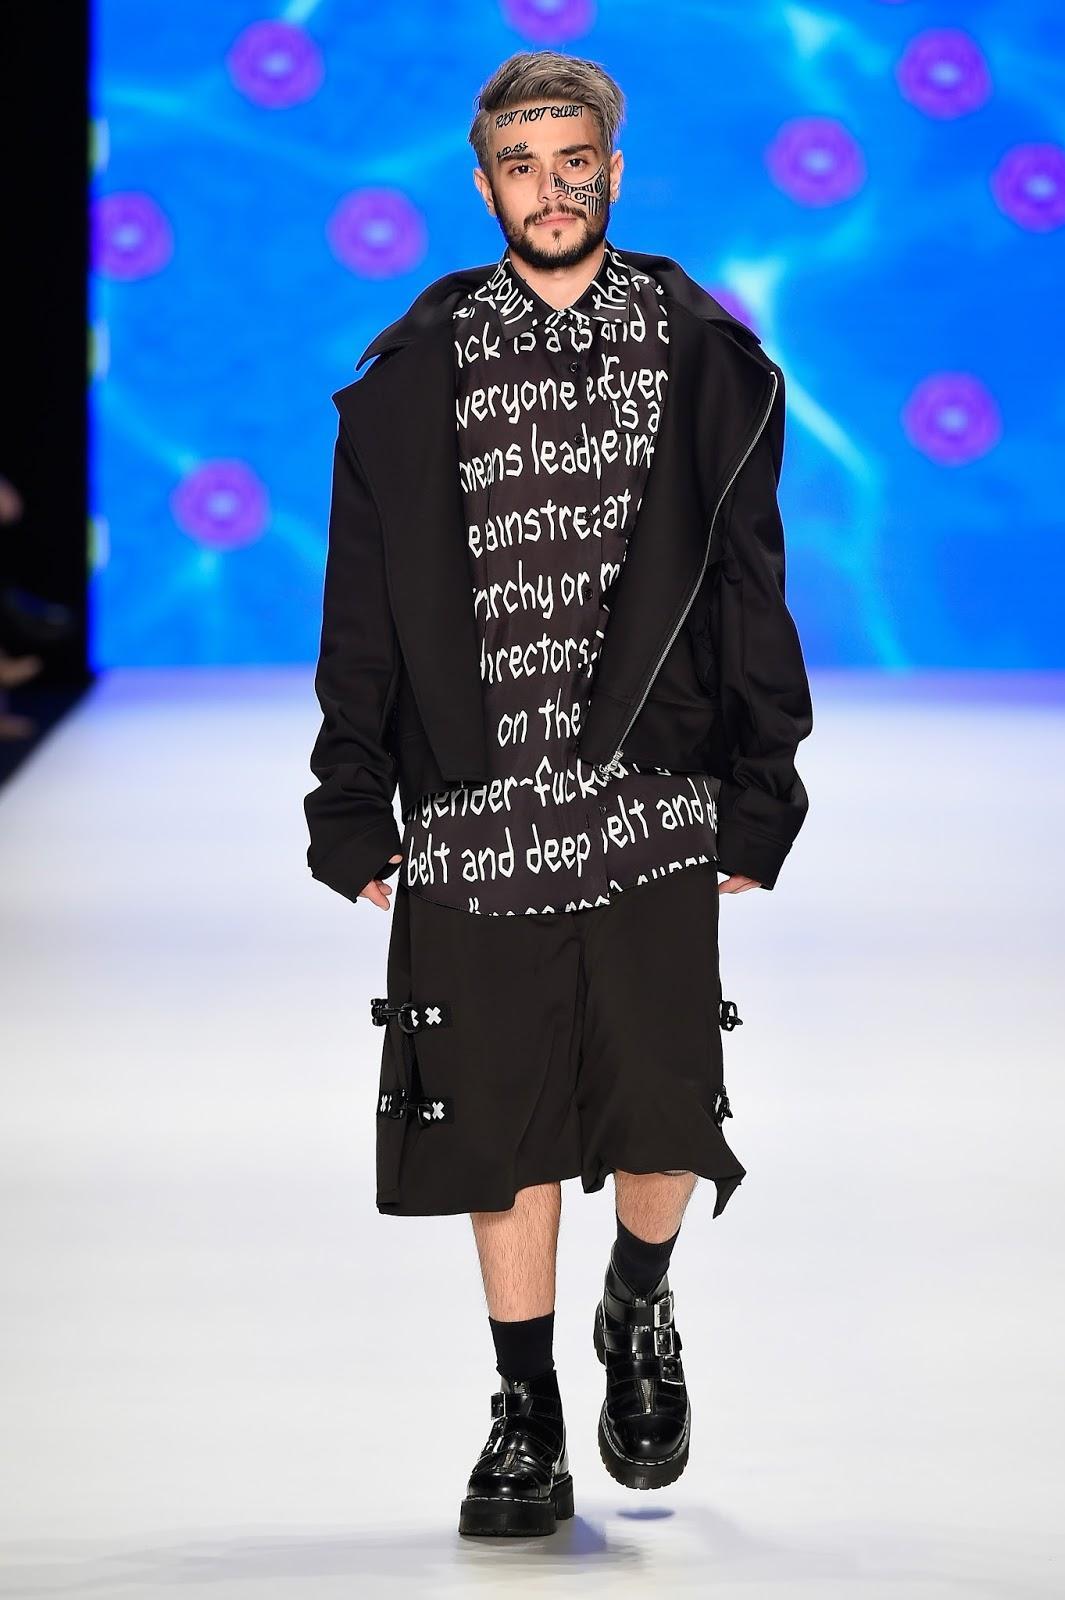 2019 Erkek Modası Bu Doğru Ve Yanlışlarla Geçti